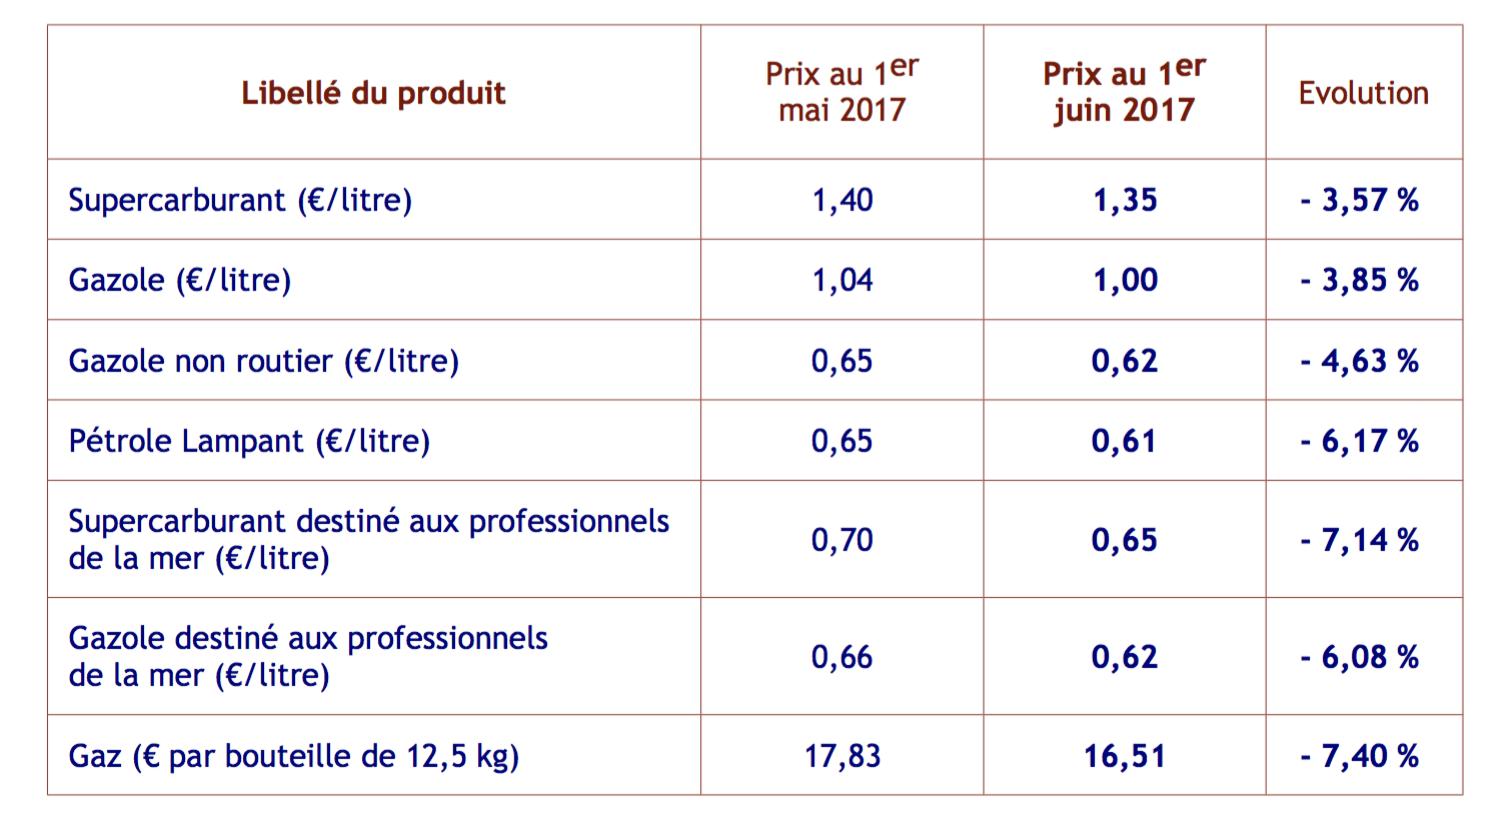 Prix de vente maximum des hydrocarbures à La Réunion à compter du 1er juin 2017